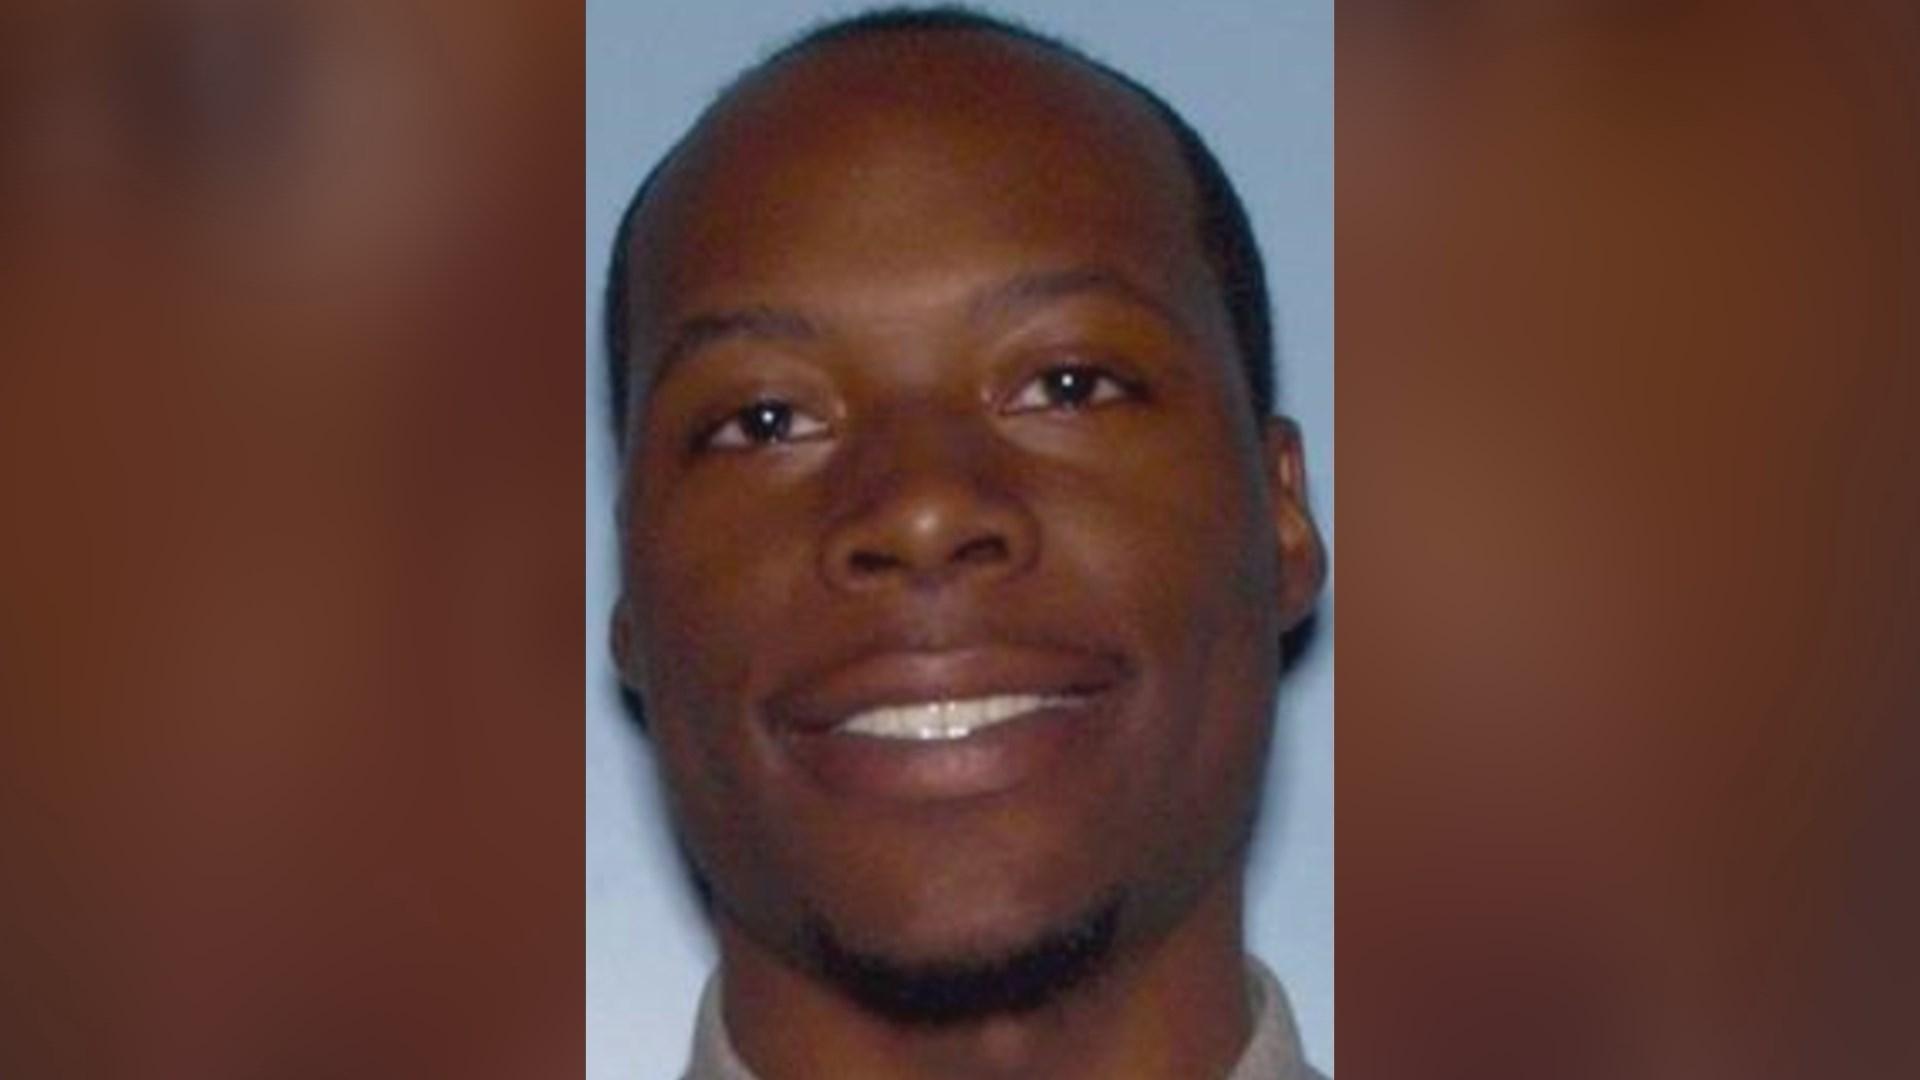 suspect: Jamez Maclin